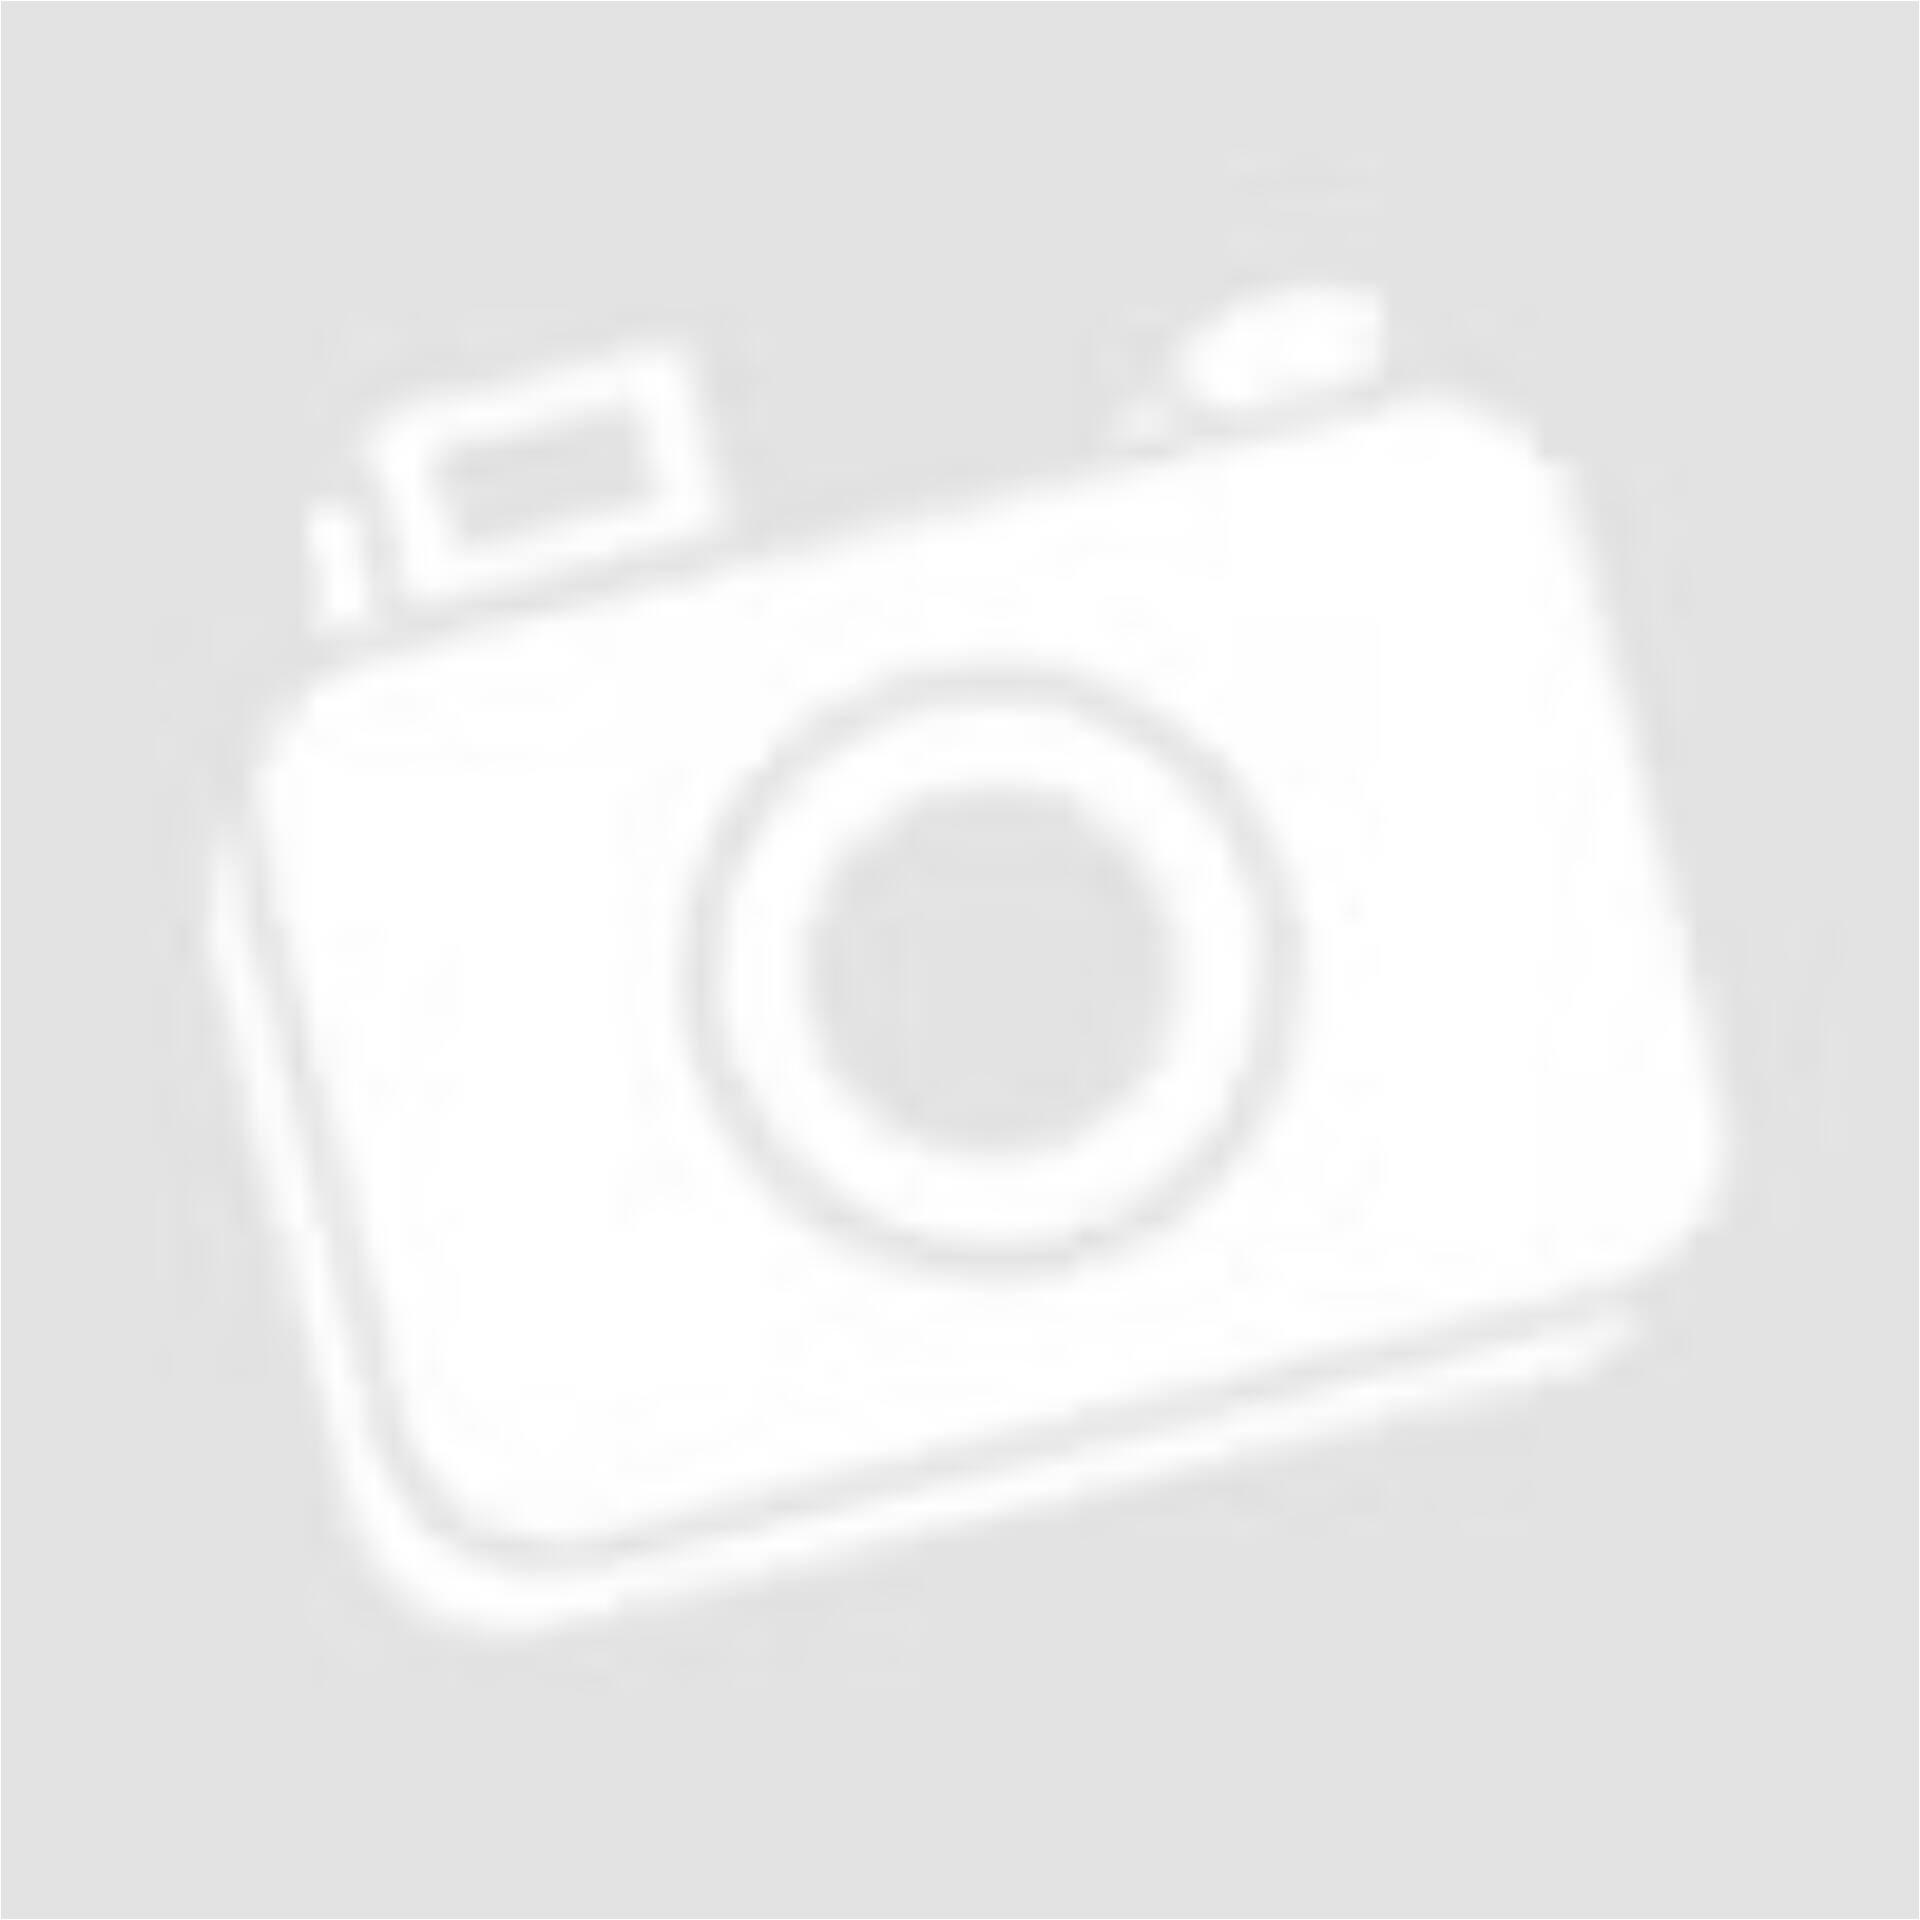 2f08402252dc Kép 1/2 - CEDARWOOD STATE sötétszürke színű mákmintás pulóver (Méret: L)